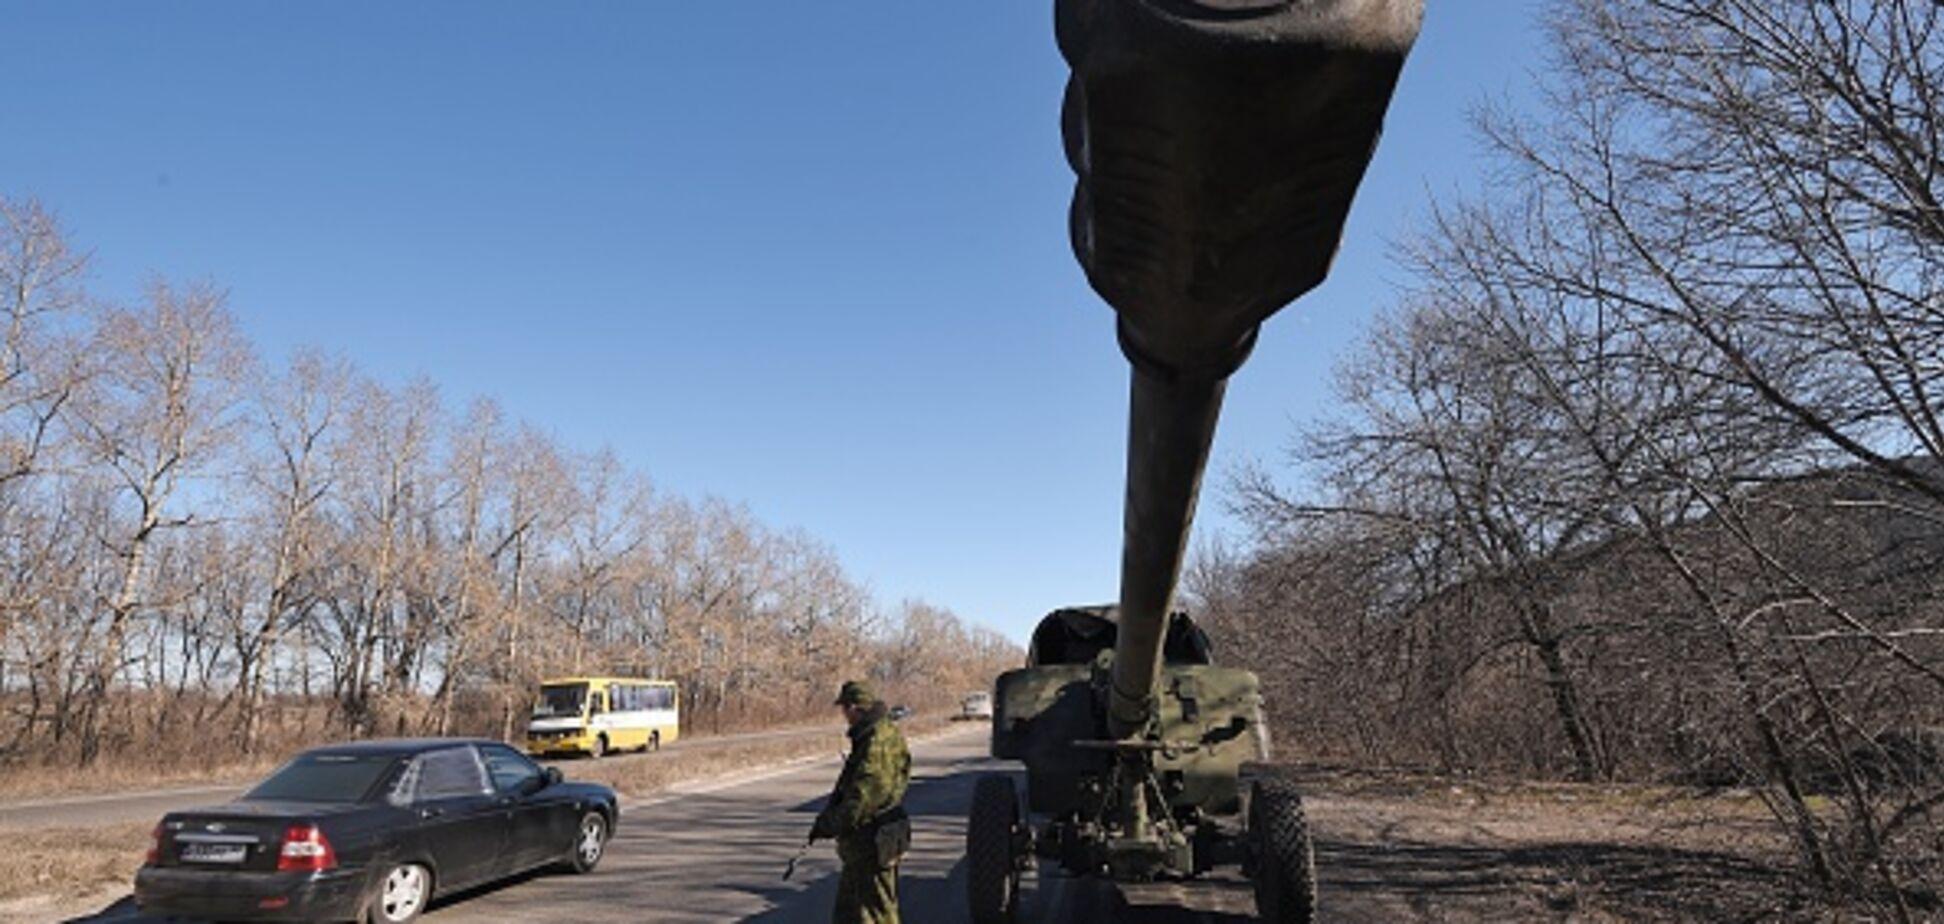 'ДНР' открыла огонь из Донецка, в городе сообщают об обстрелах